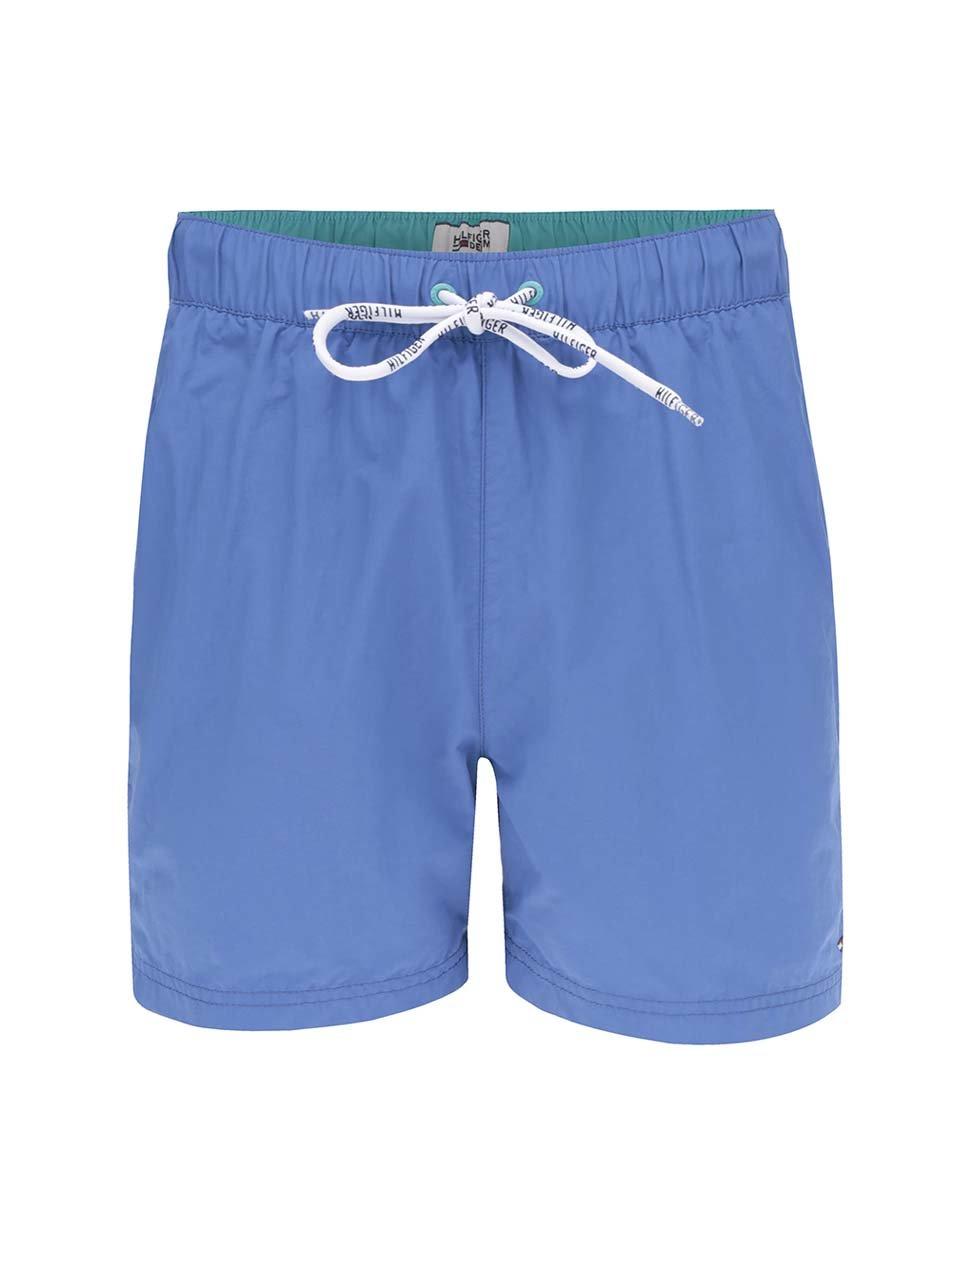 Modré pánské plavky Tommy Hilfiger